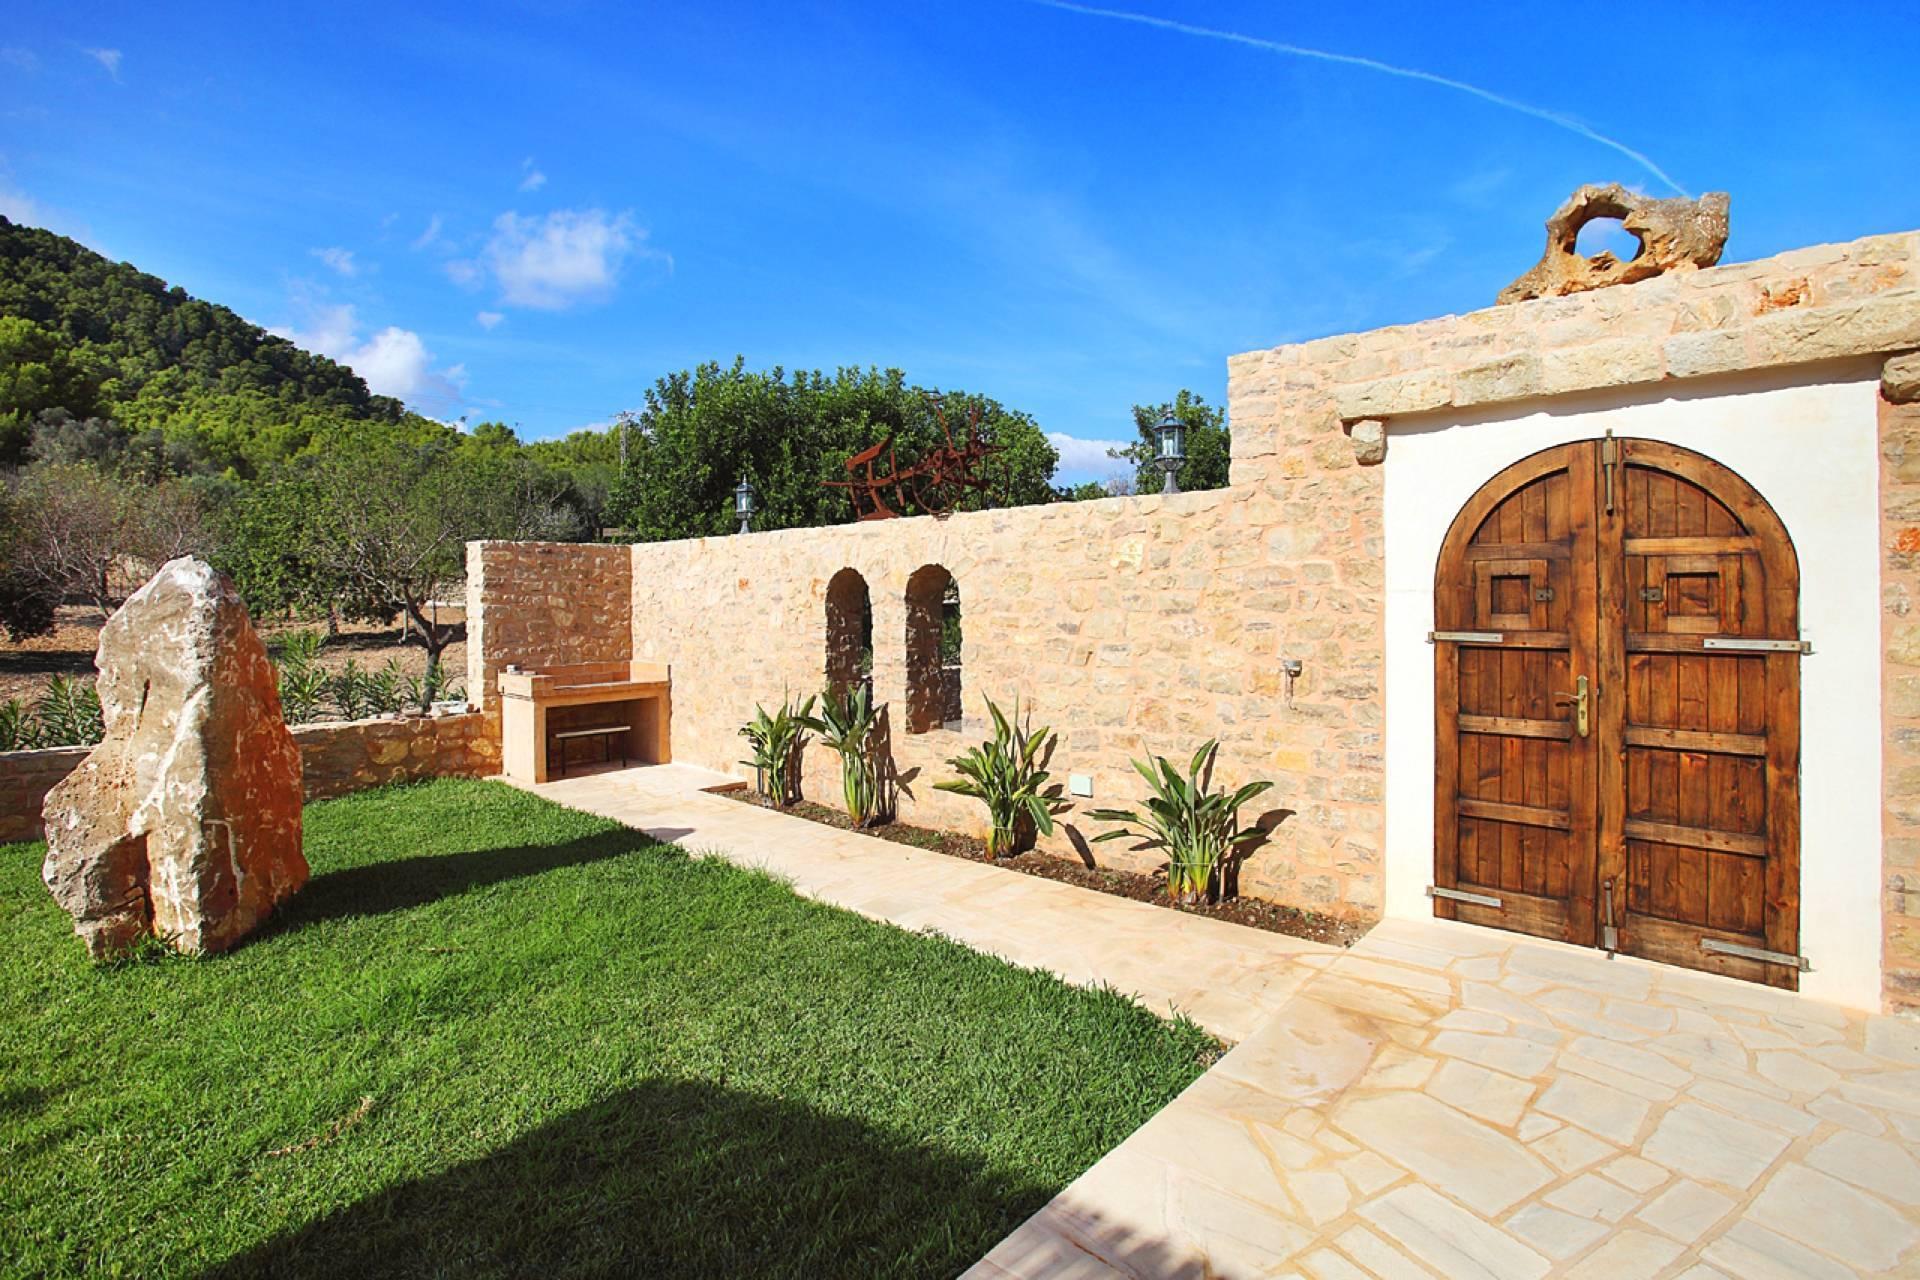 01-159 Ländliches Ferienhaus Mallorca Osten Bild 39